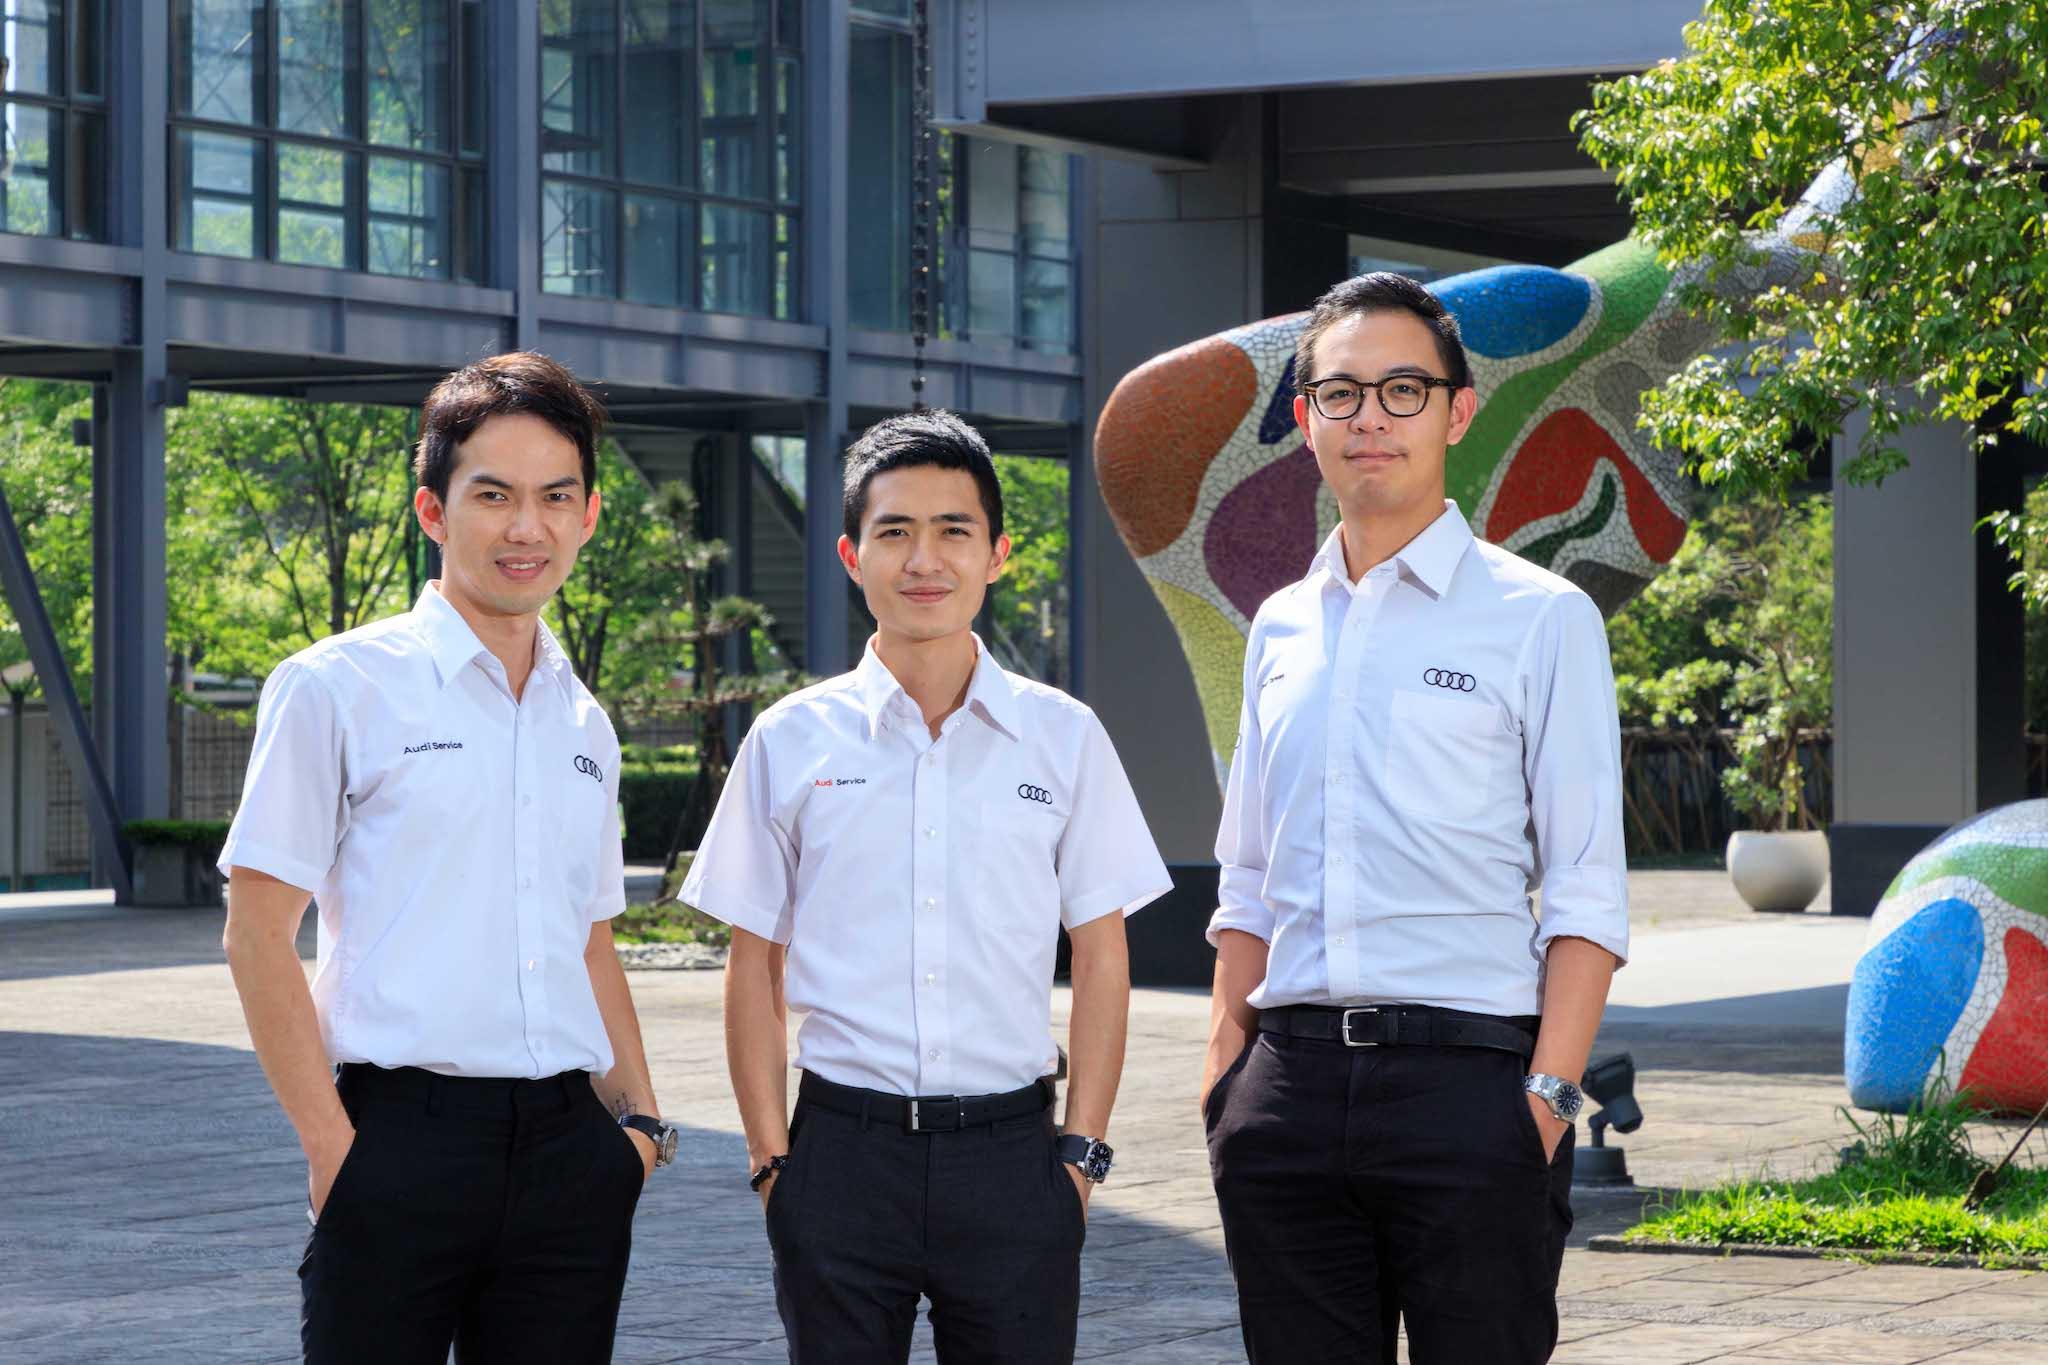 服務組選手,由左至右分別是:「Audi 內湖」陳承林、「Audi 南屯」王翔宇、「Audi 新莊」趙柏銘。